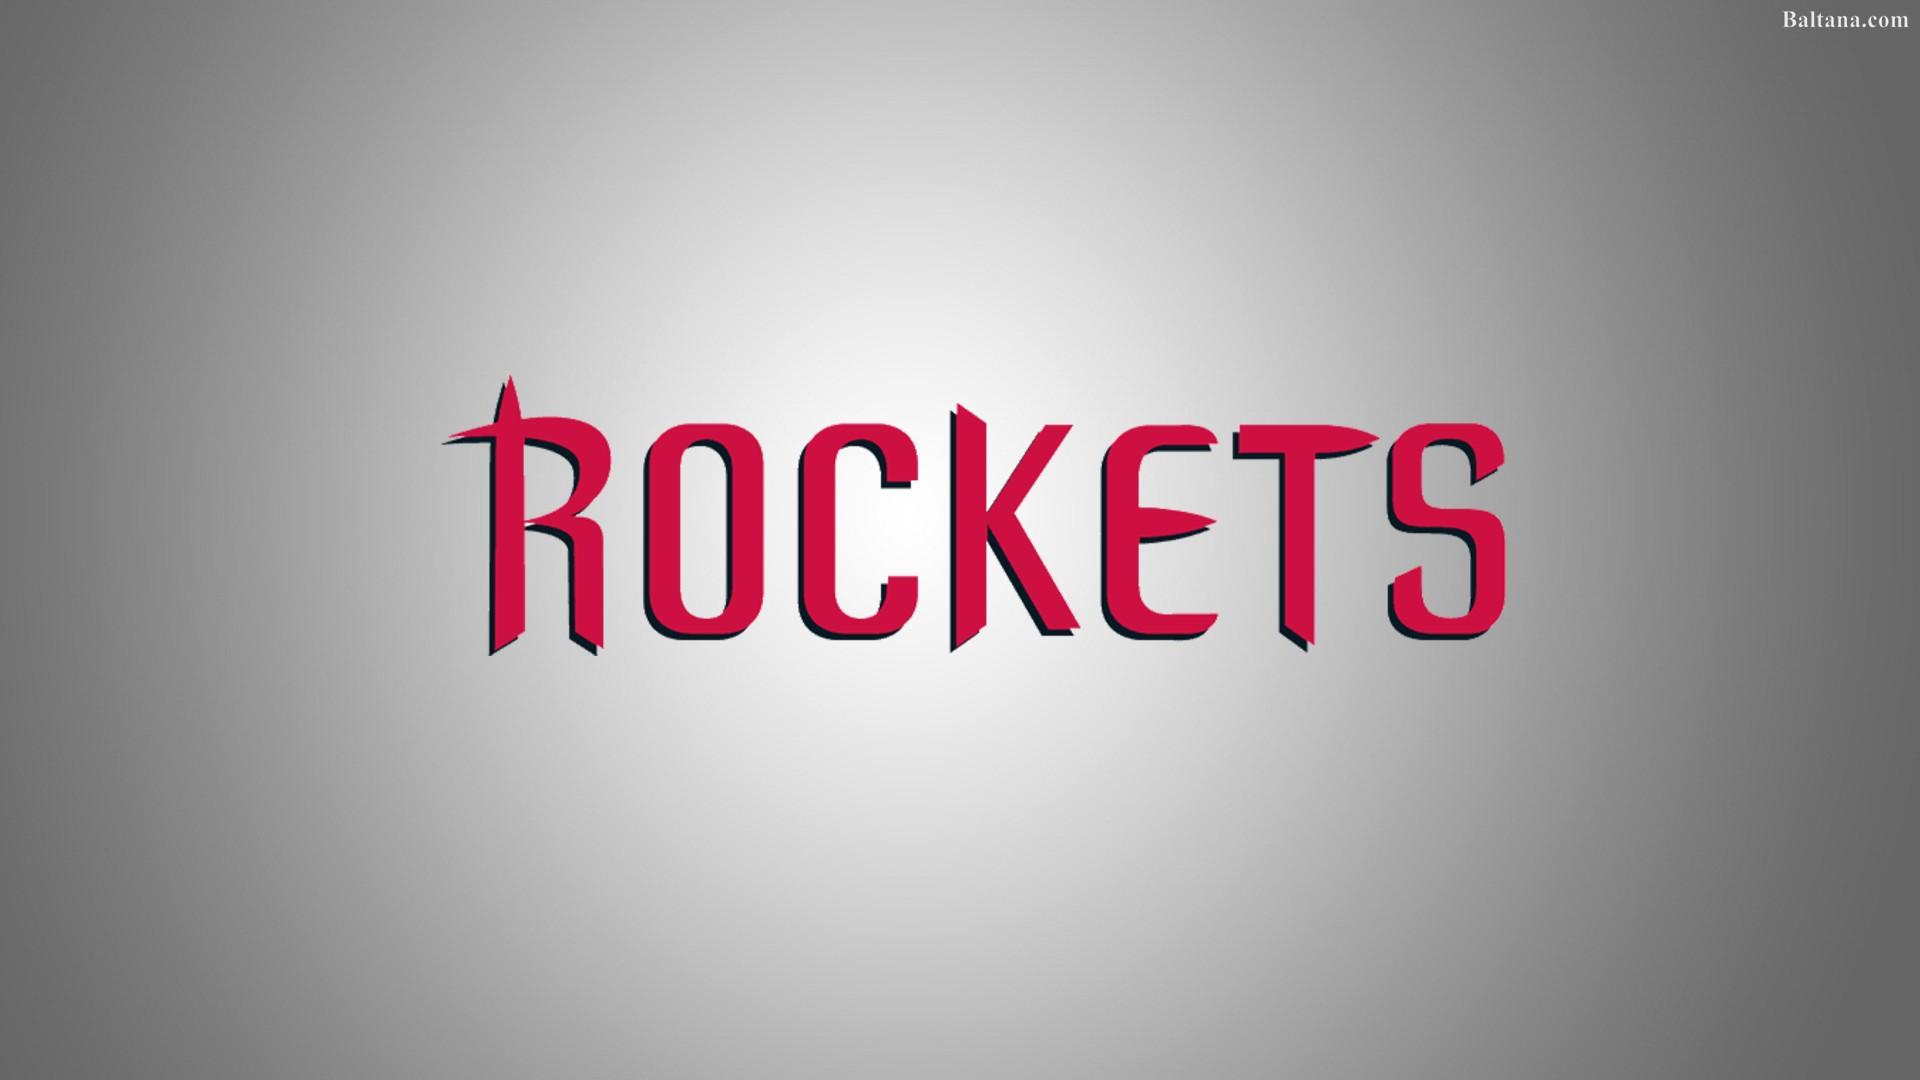 Houston Rockets Wallpaper - Hd Wallpapers Rockets Houston , HD Wallpaper & Backgrounds